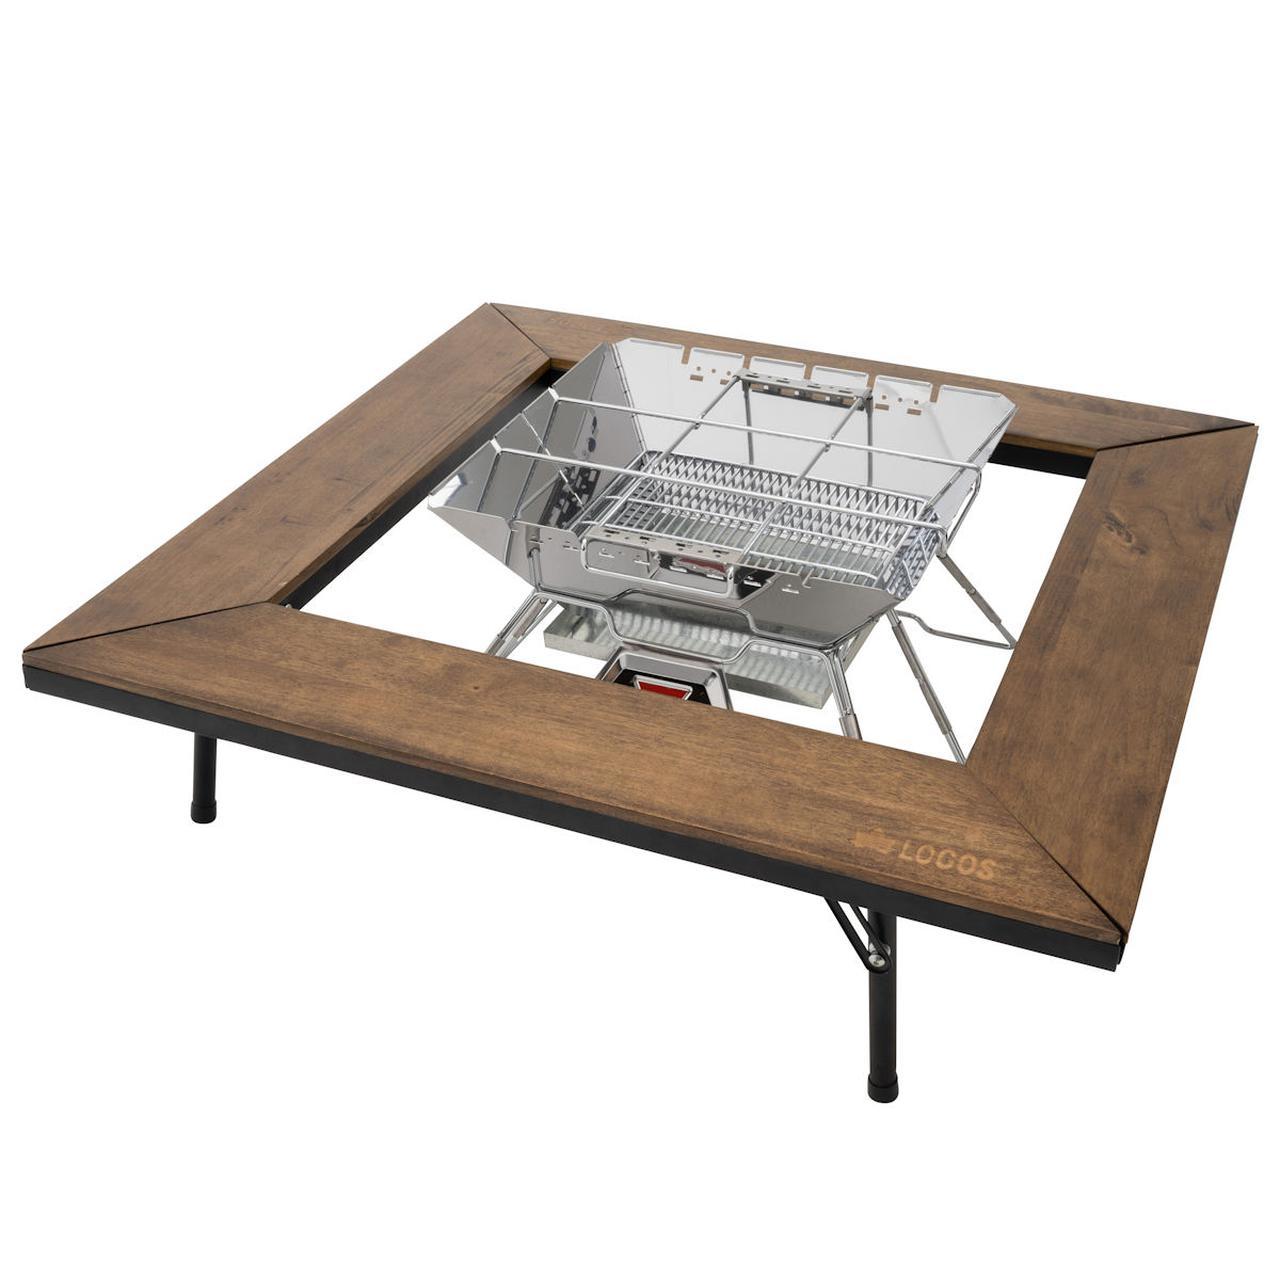 画像: アイアンウッド囲炉裏テーブル|ギア|グリル・たき火・キャンドル|ピラミッドグリル|製品情報|ロゴスショップ公式オンライン